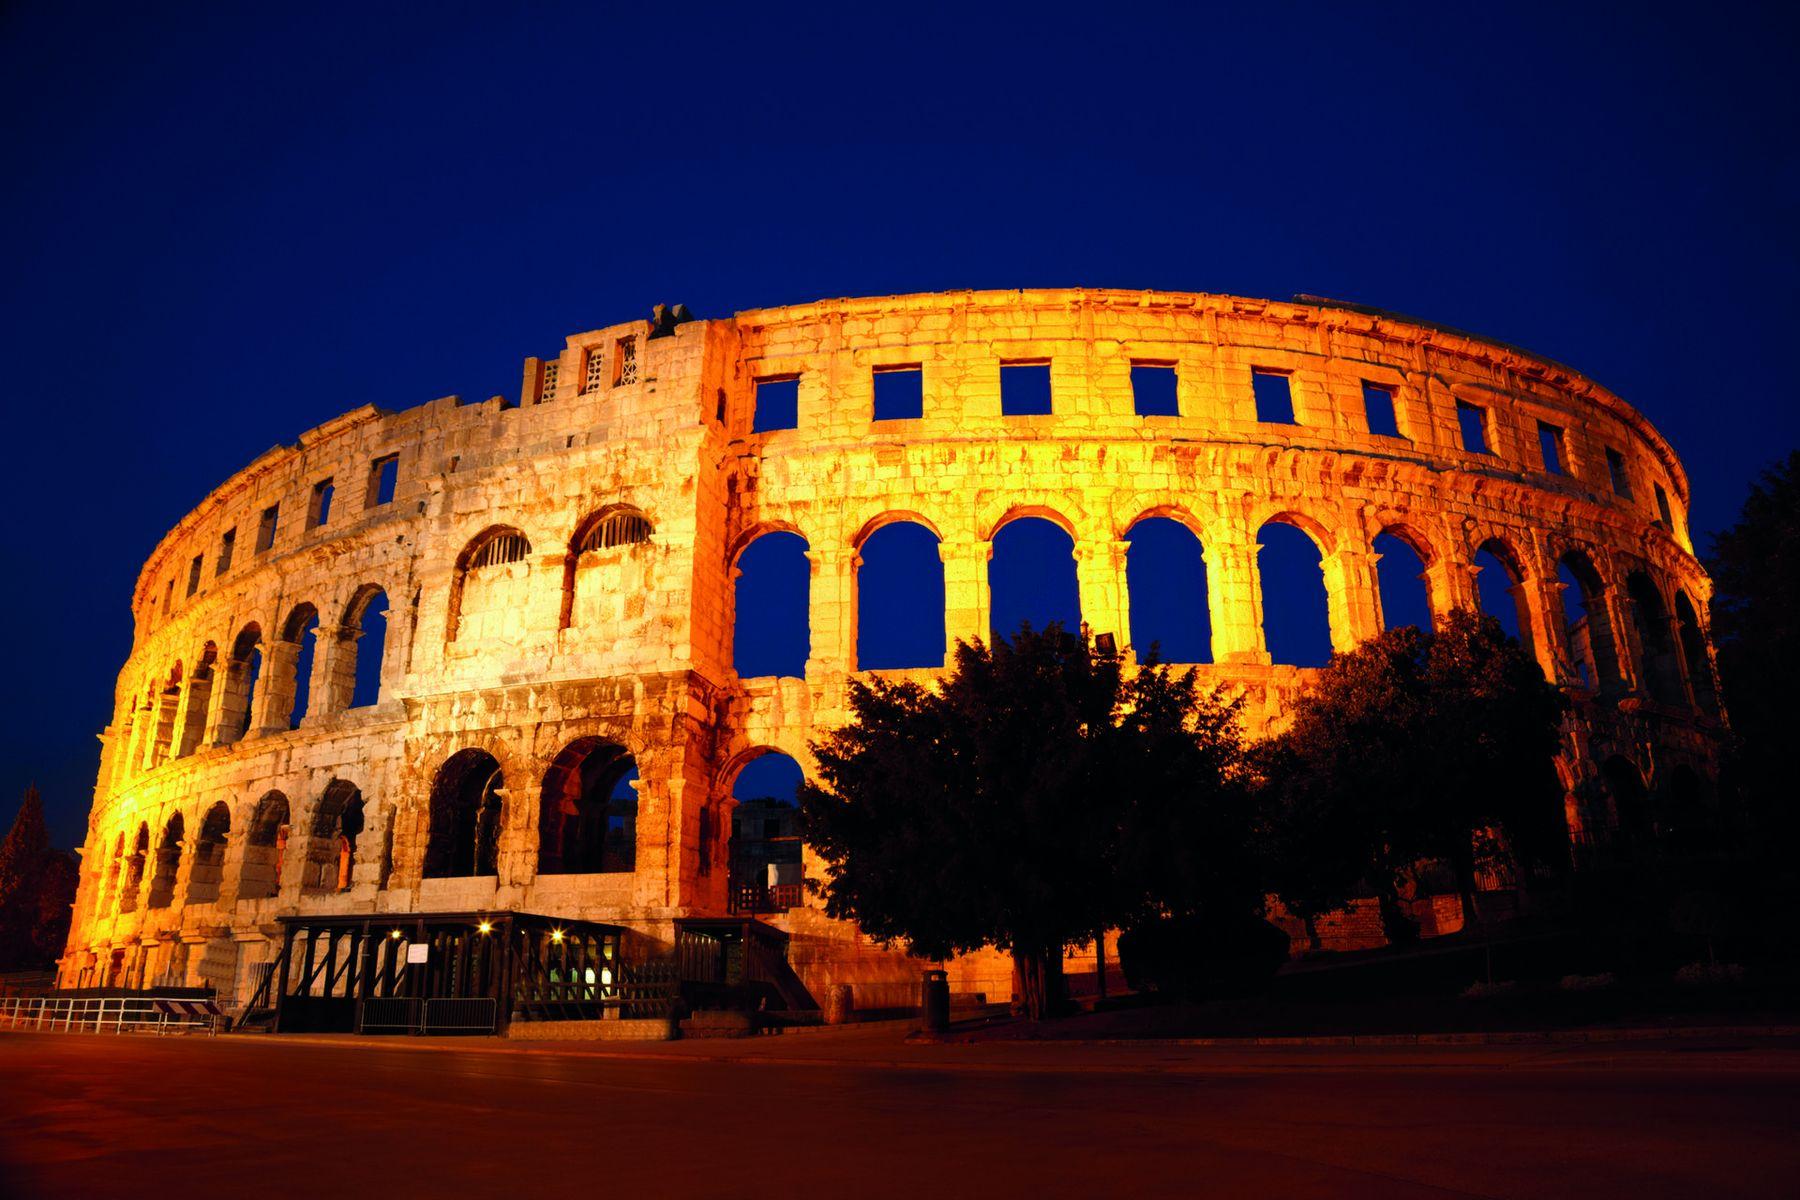 Pula Amphitheater iStock488118163